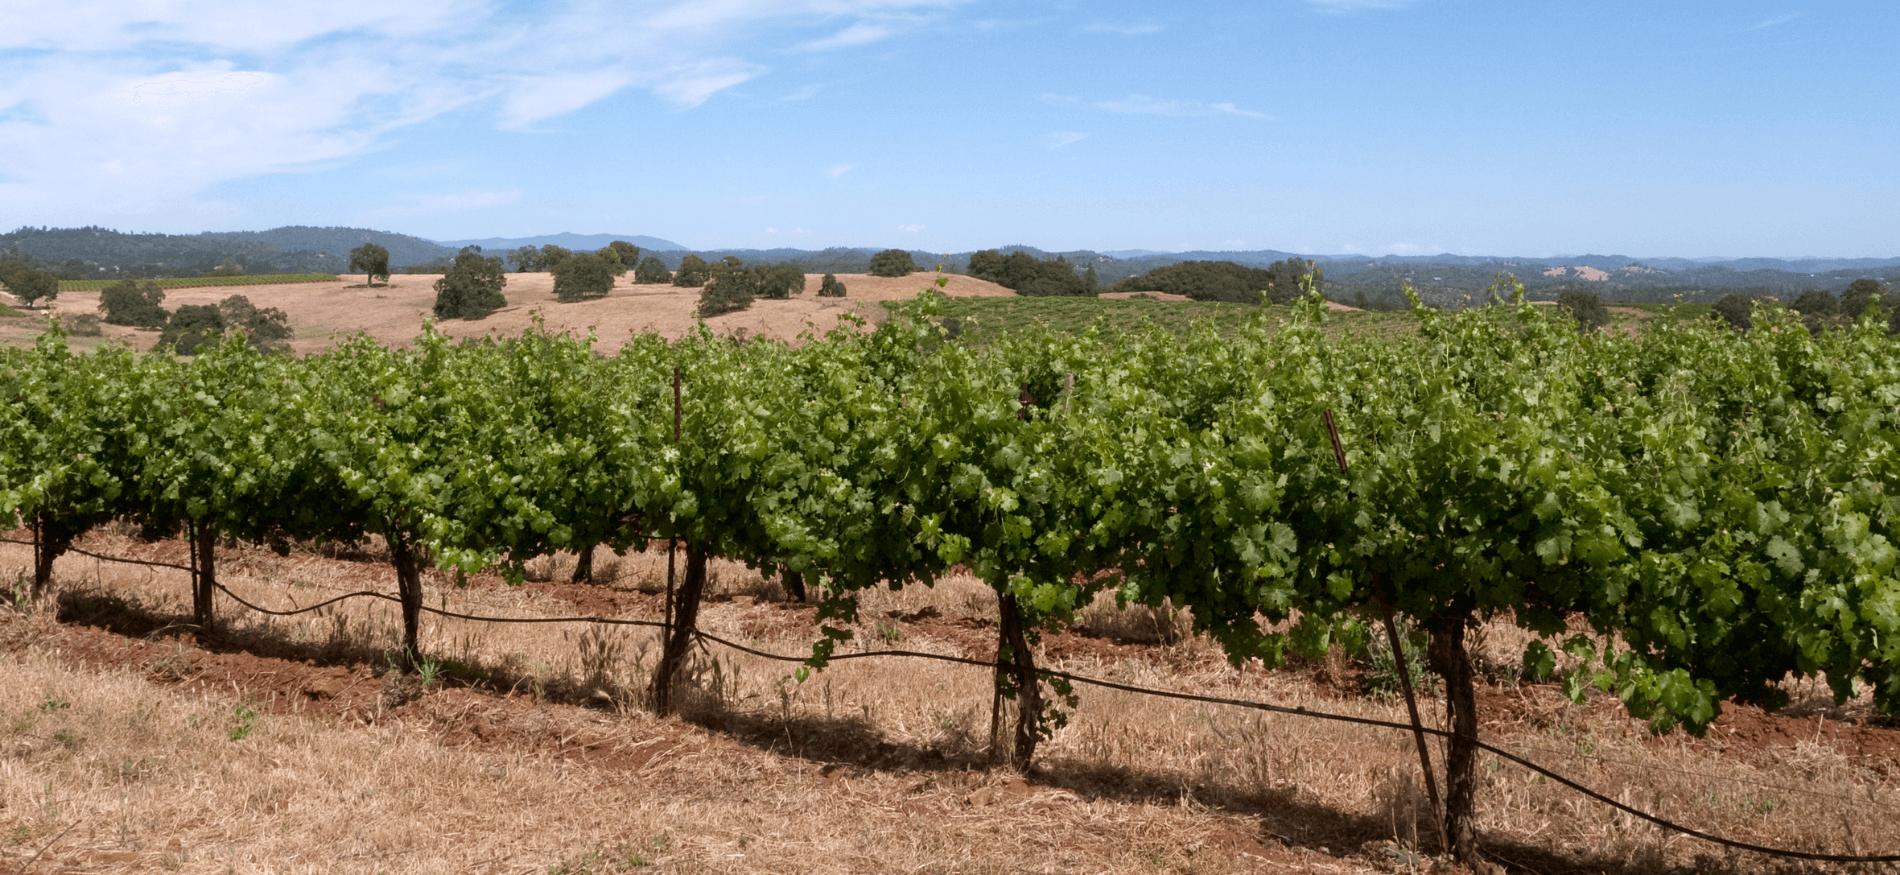 A sprawling California vineyard on a sunny day.